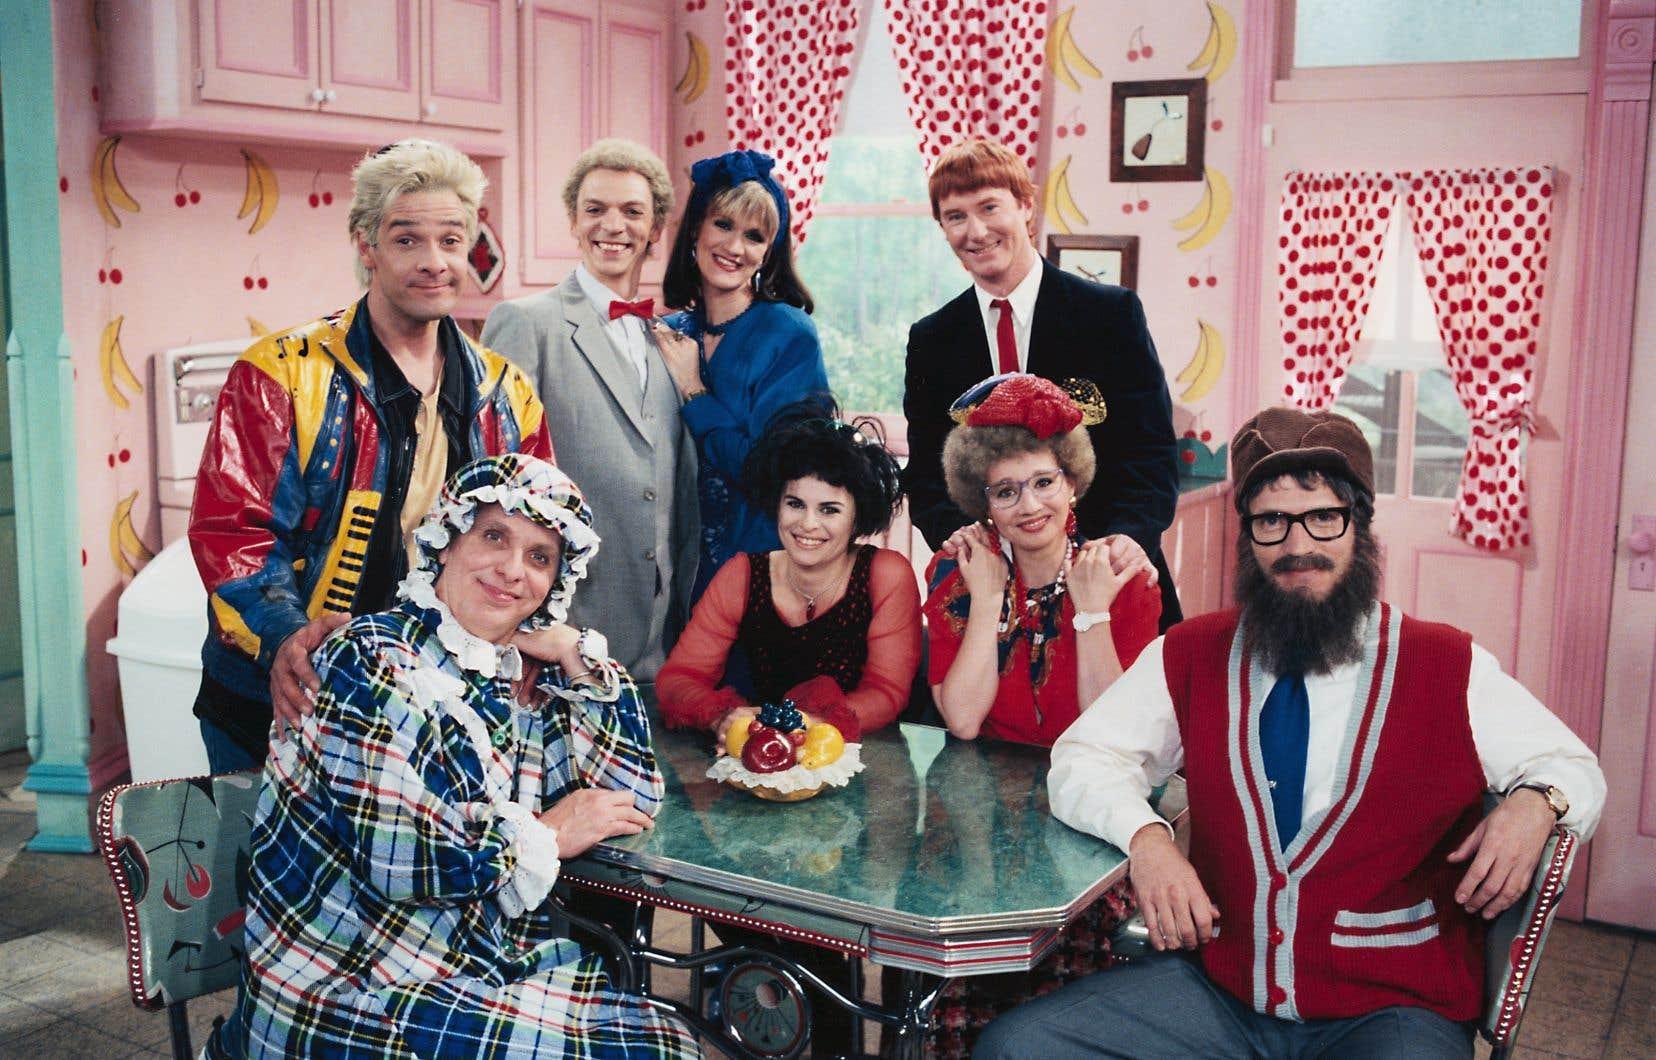 La populaire série humoristique «La petite vie», diffusée entre 1993 et 1998, a battu des records canadiens d'audience, rassemblant quelquefois jusqu'à 4millions de téléspectateurs devant le petit écran.